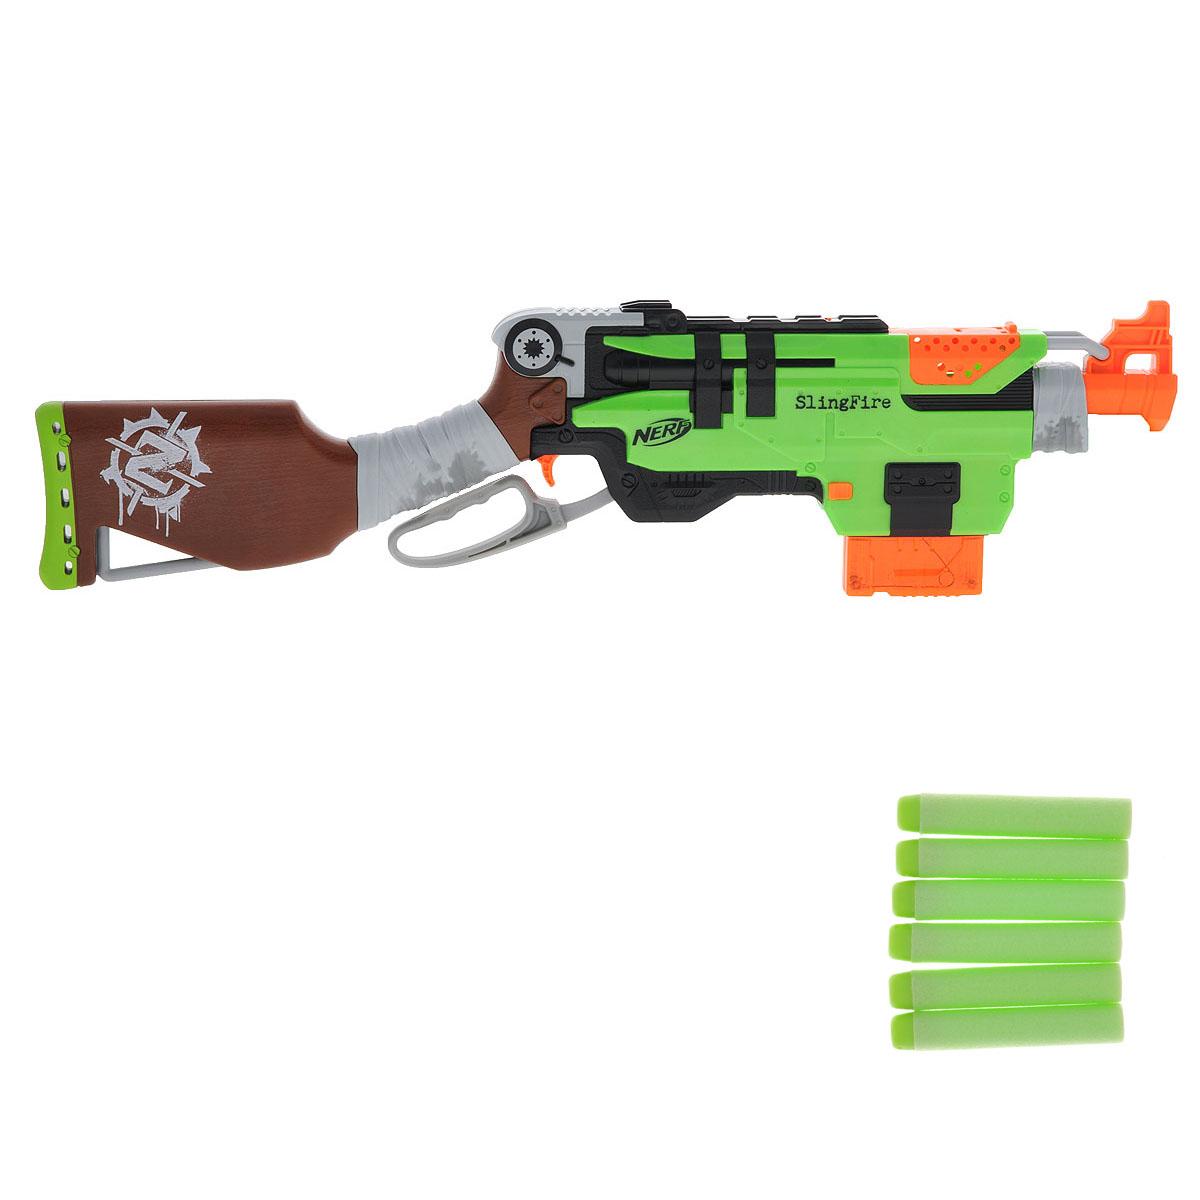 """Бластер Nerf """"Zombie Strike: Slingfire"""" позволит вашему ребенку почувствовать себя во всеоружии! Он выполнен из яркого прочного пластика салатового, коричневого и оранжевого цветов. Стреляет путем нажатия на курок на расстояние свыше 22 метров. Комплект включает в себя шесть патронов, выполненных из гибкого вспененного полимера. Игра с таким бластером поможет ребенку в развитии меткости, ловкости, координации движений и сноровки."""